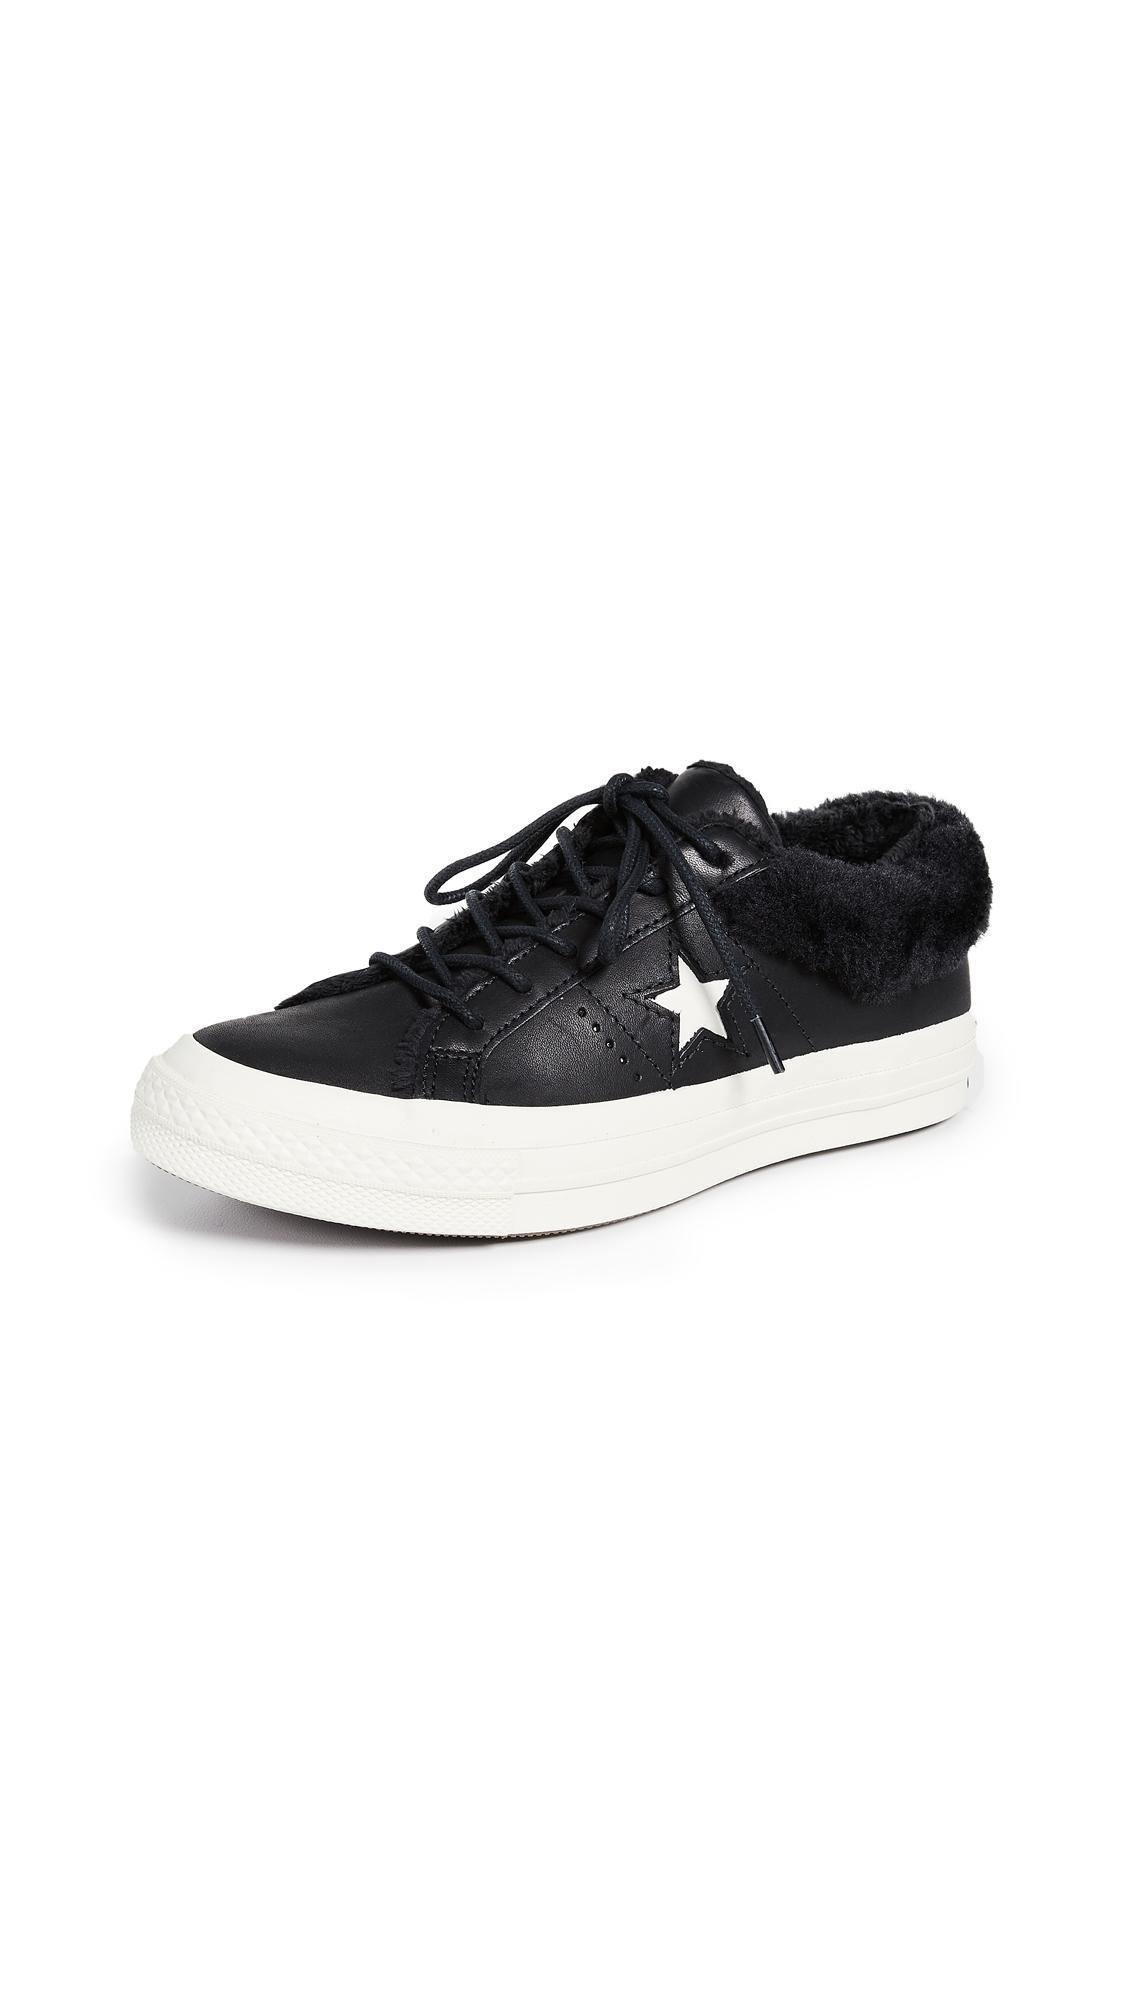 Raramente Disminución bordillo  Converse One Star Street Warmer Faux Fur Lined Low Top Sneaker In Black |  ModeSens